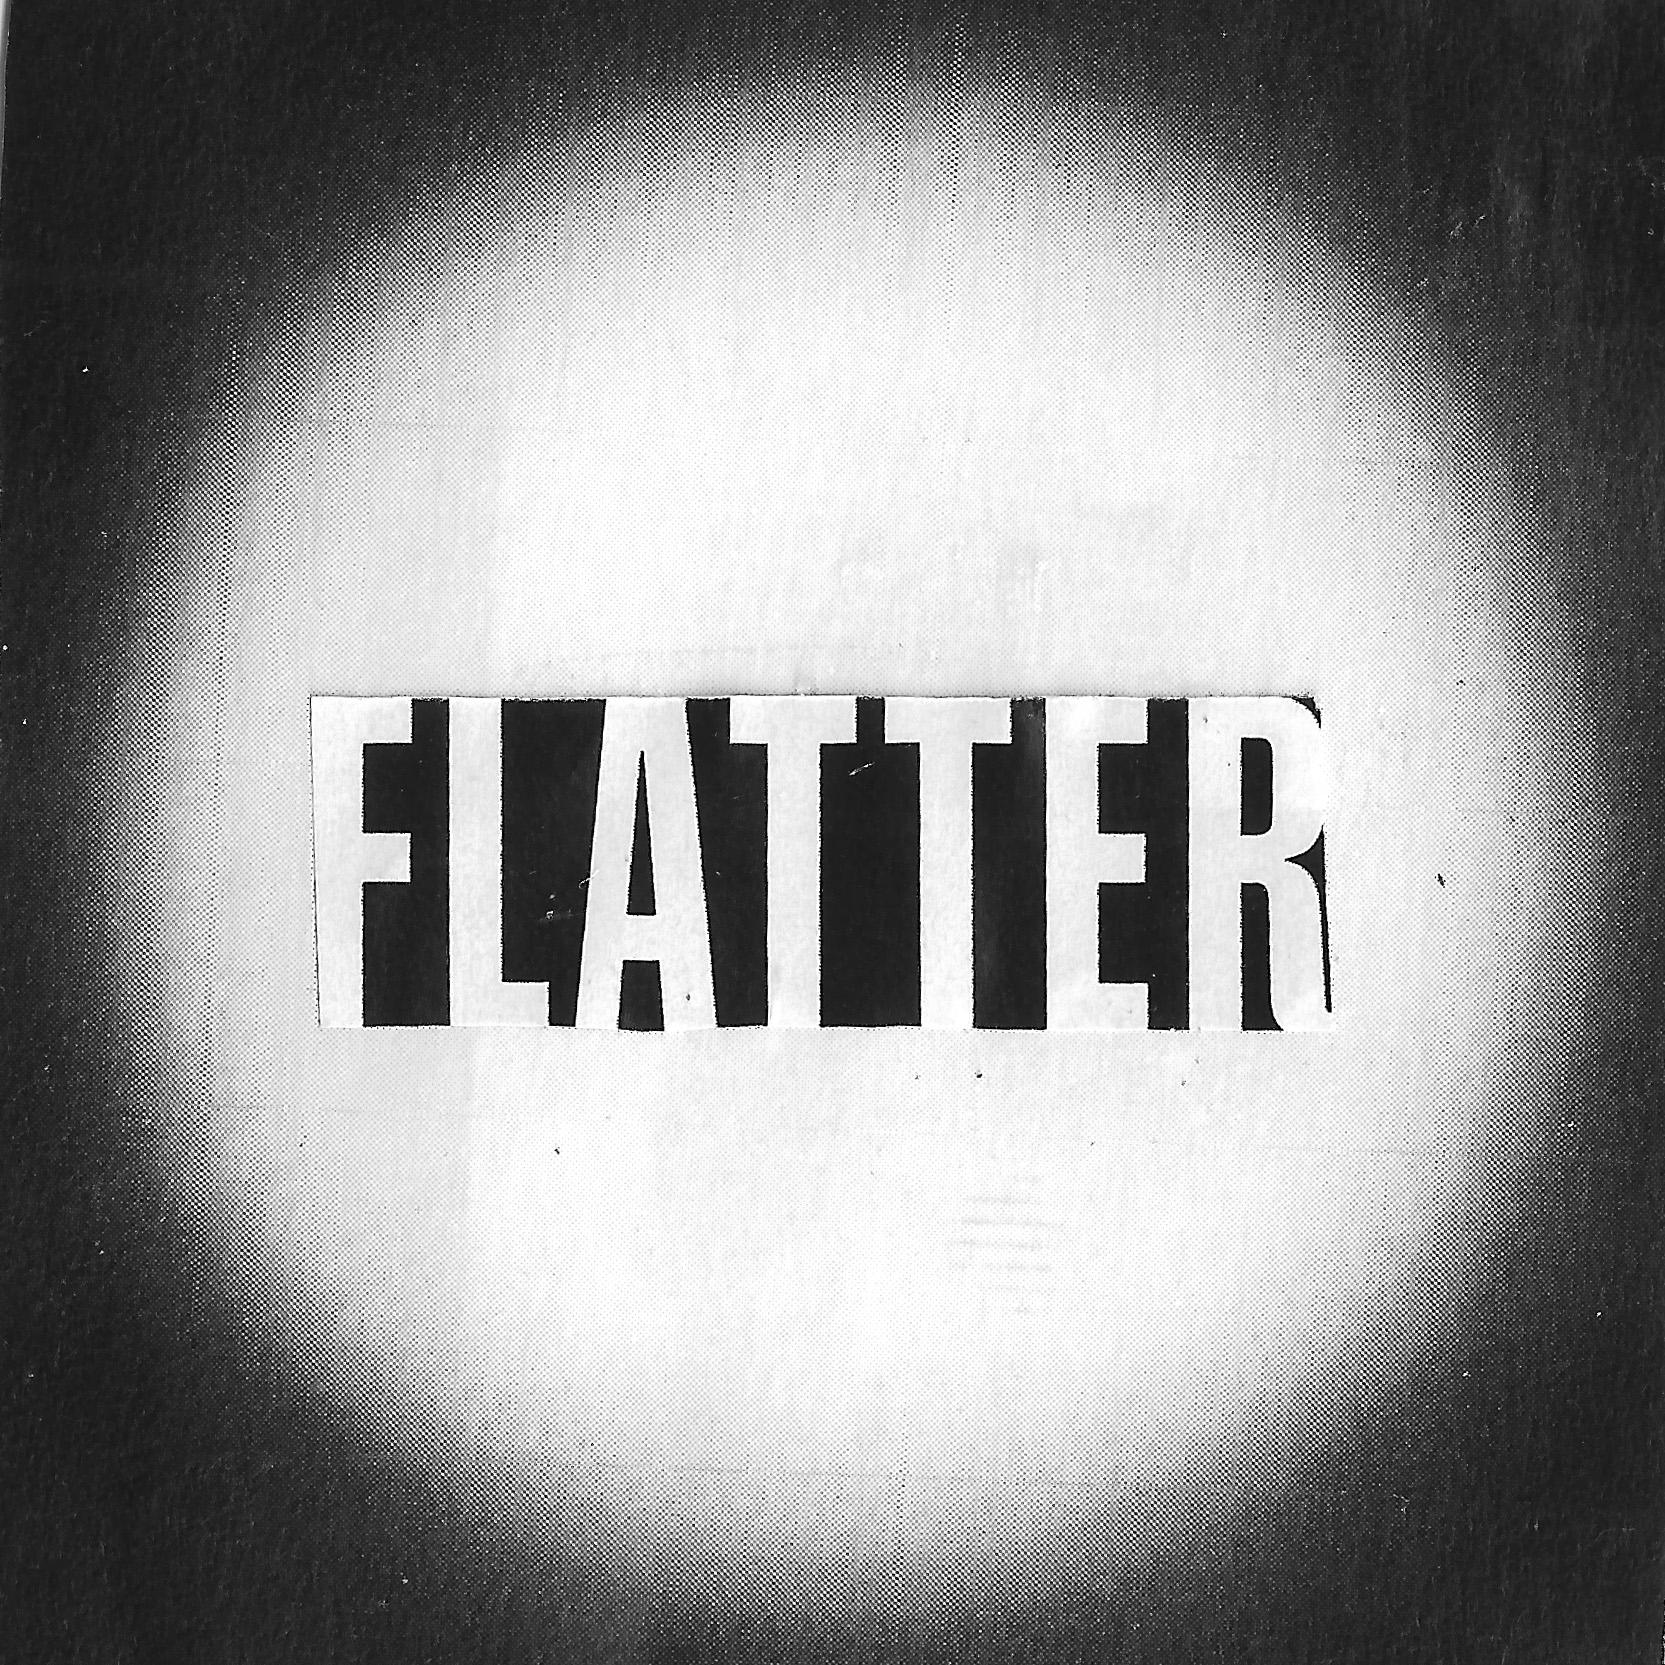 """Weiße Corona mit Wort """"Flatter"""" in der Mitte"""